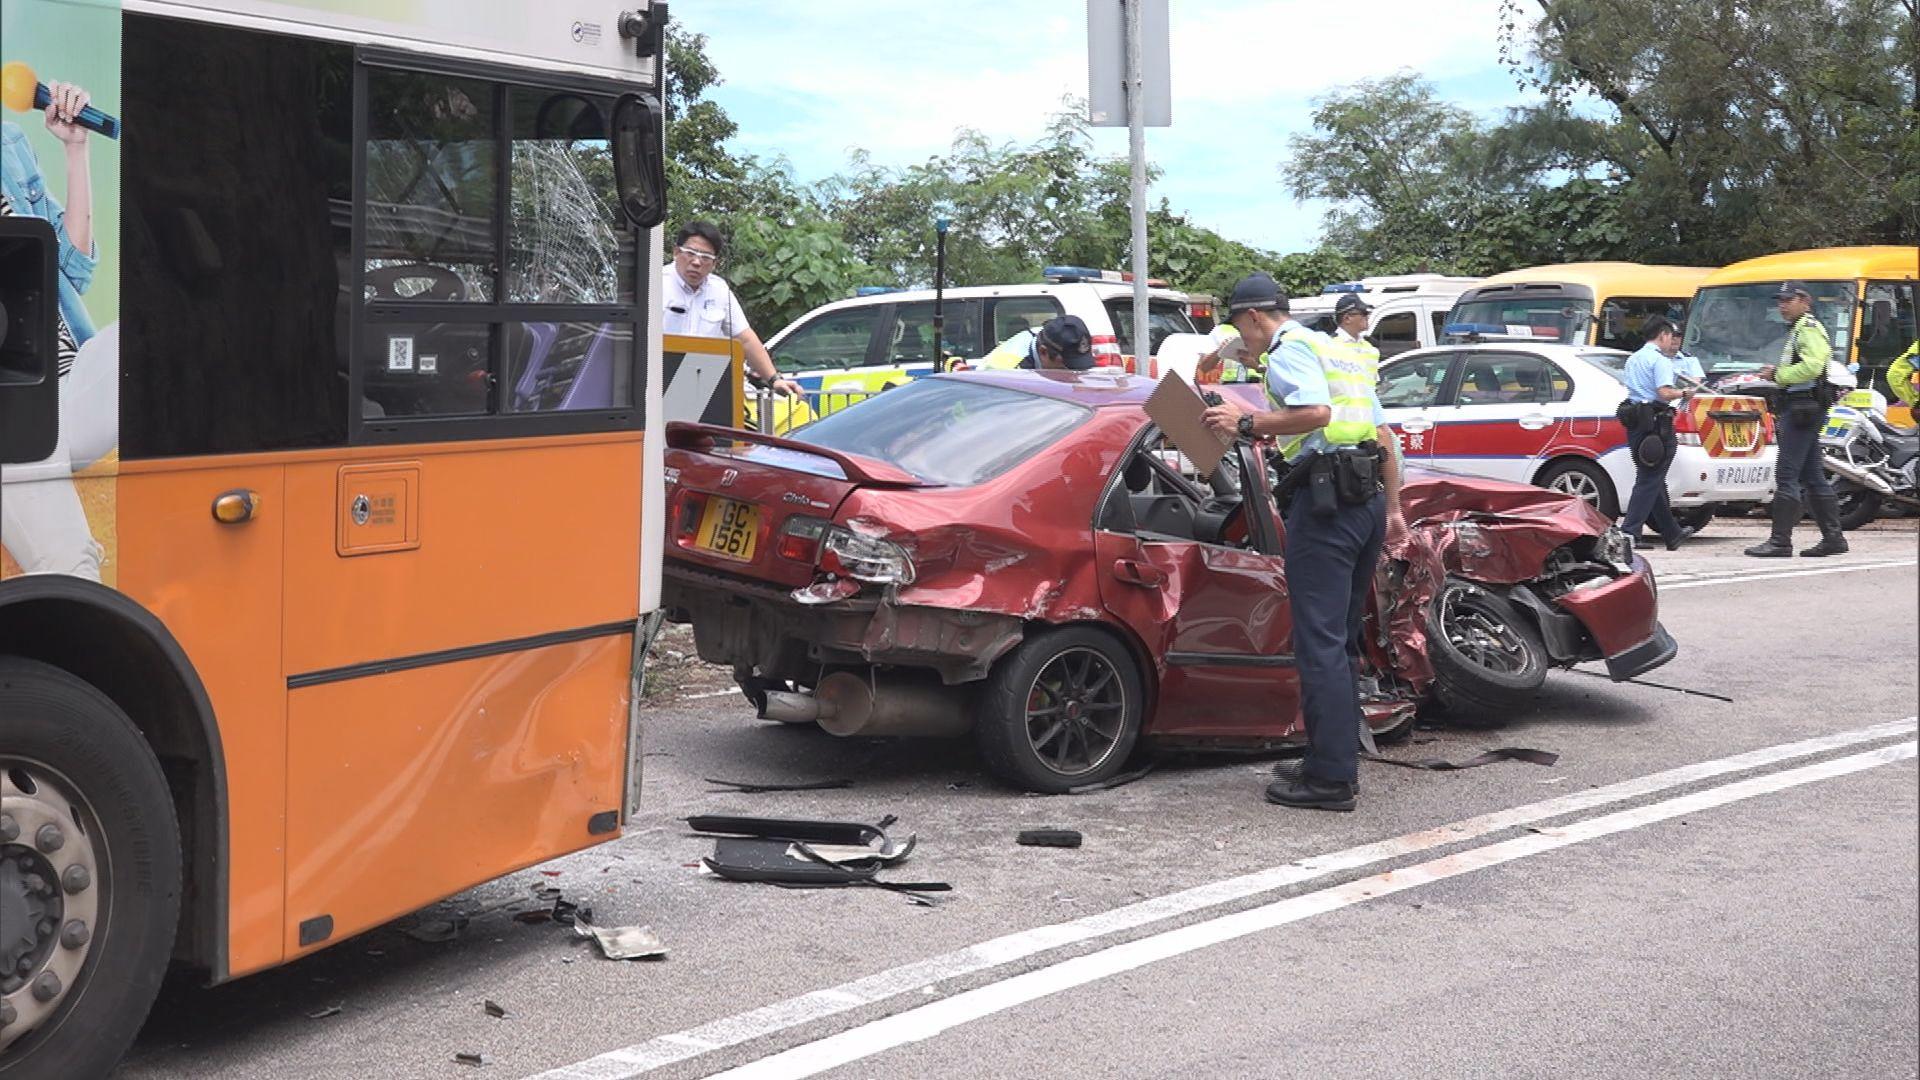 石澳道致命車禍 消息指司機乘客是叔侄關係